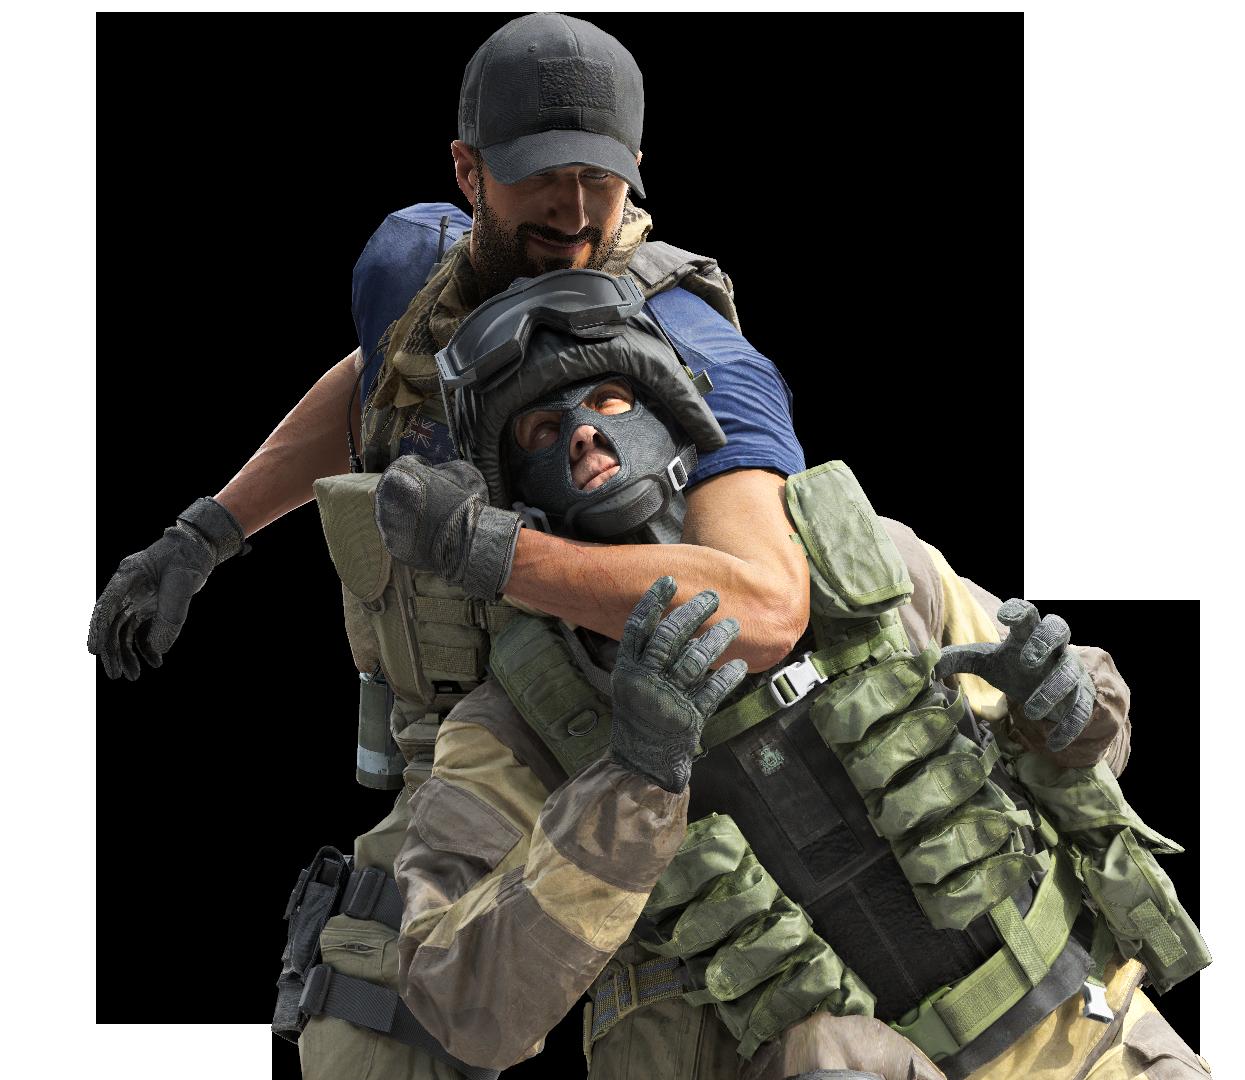 Steam Workshop Call Of Duty Modern Warfare 2019 Wyatt